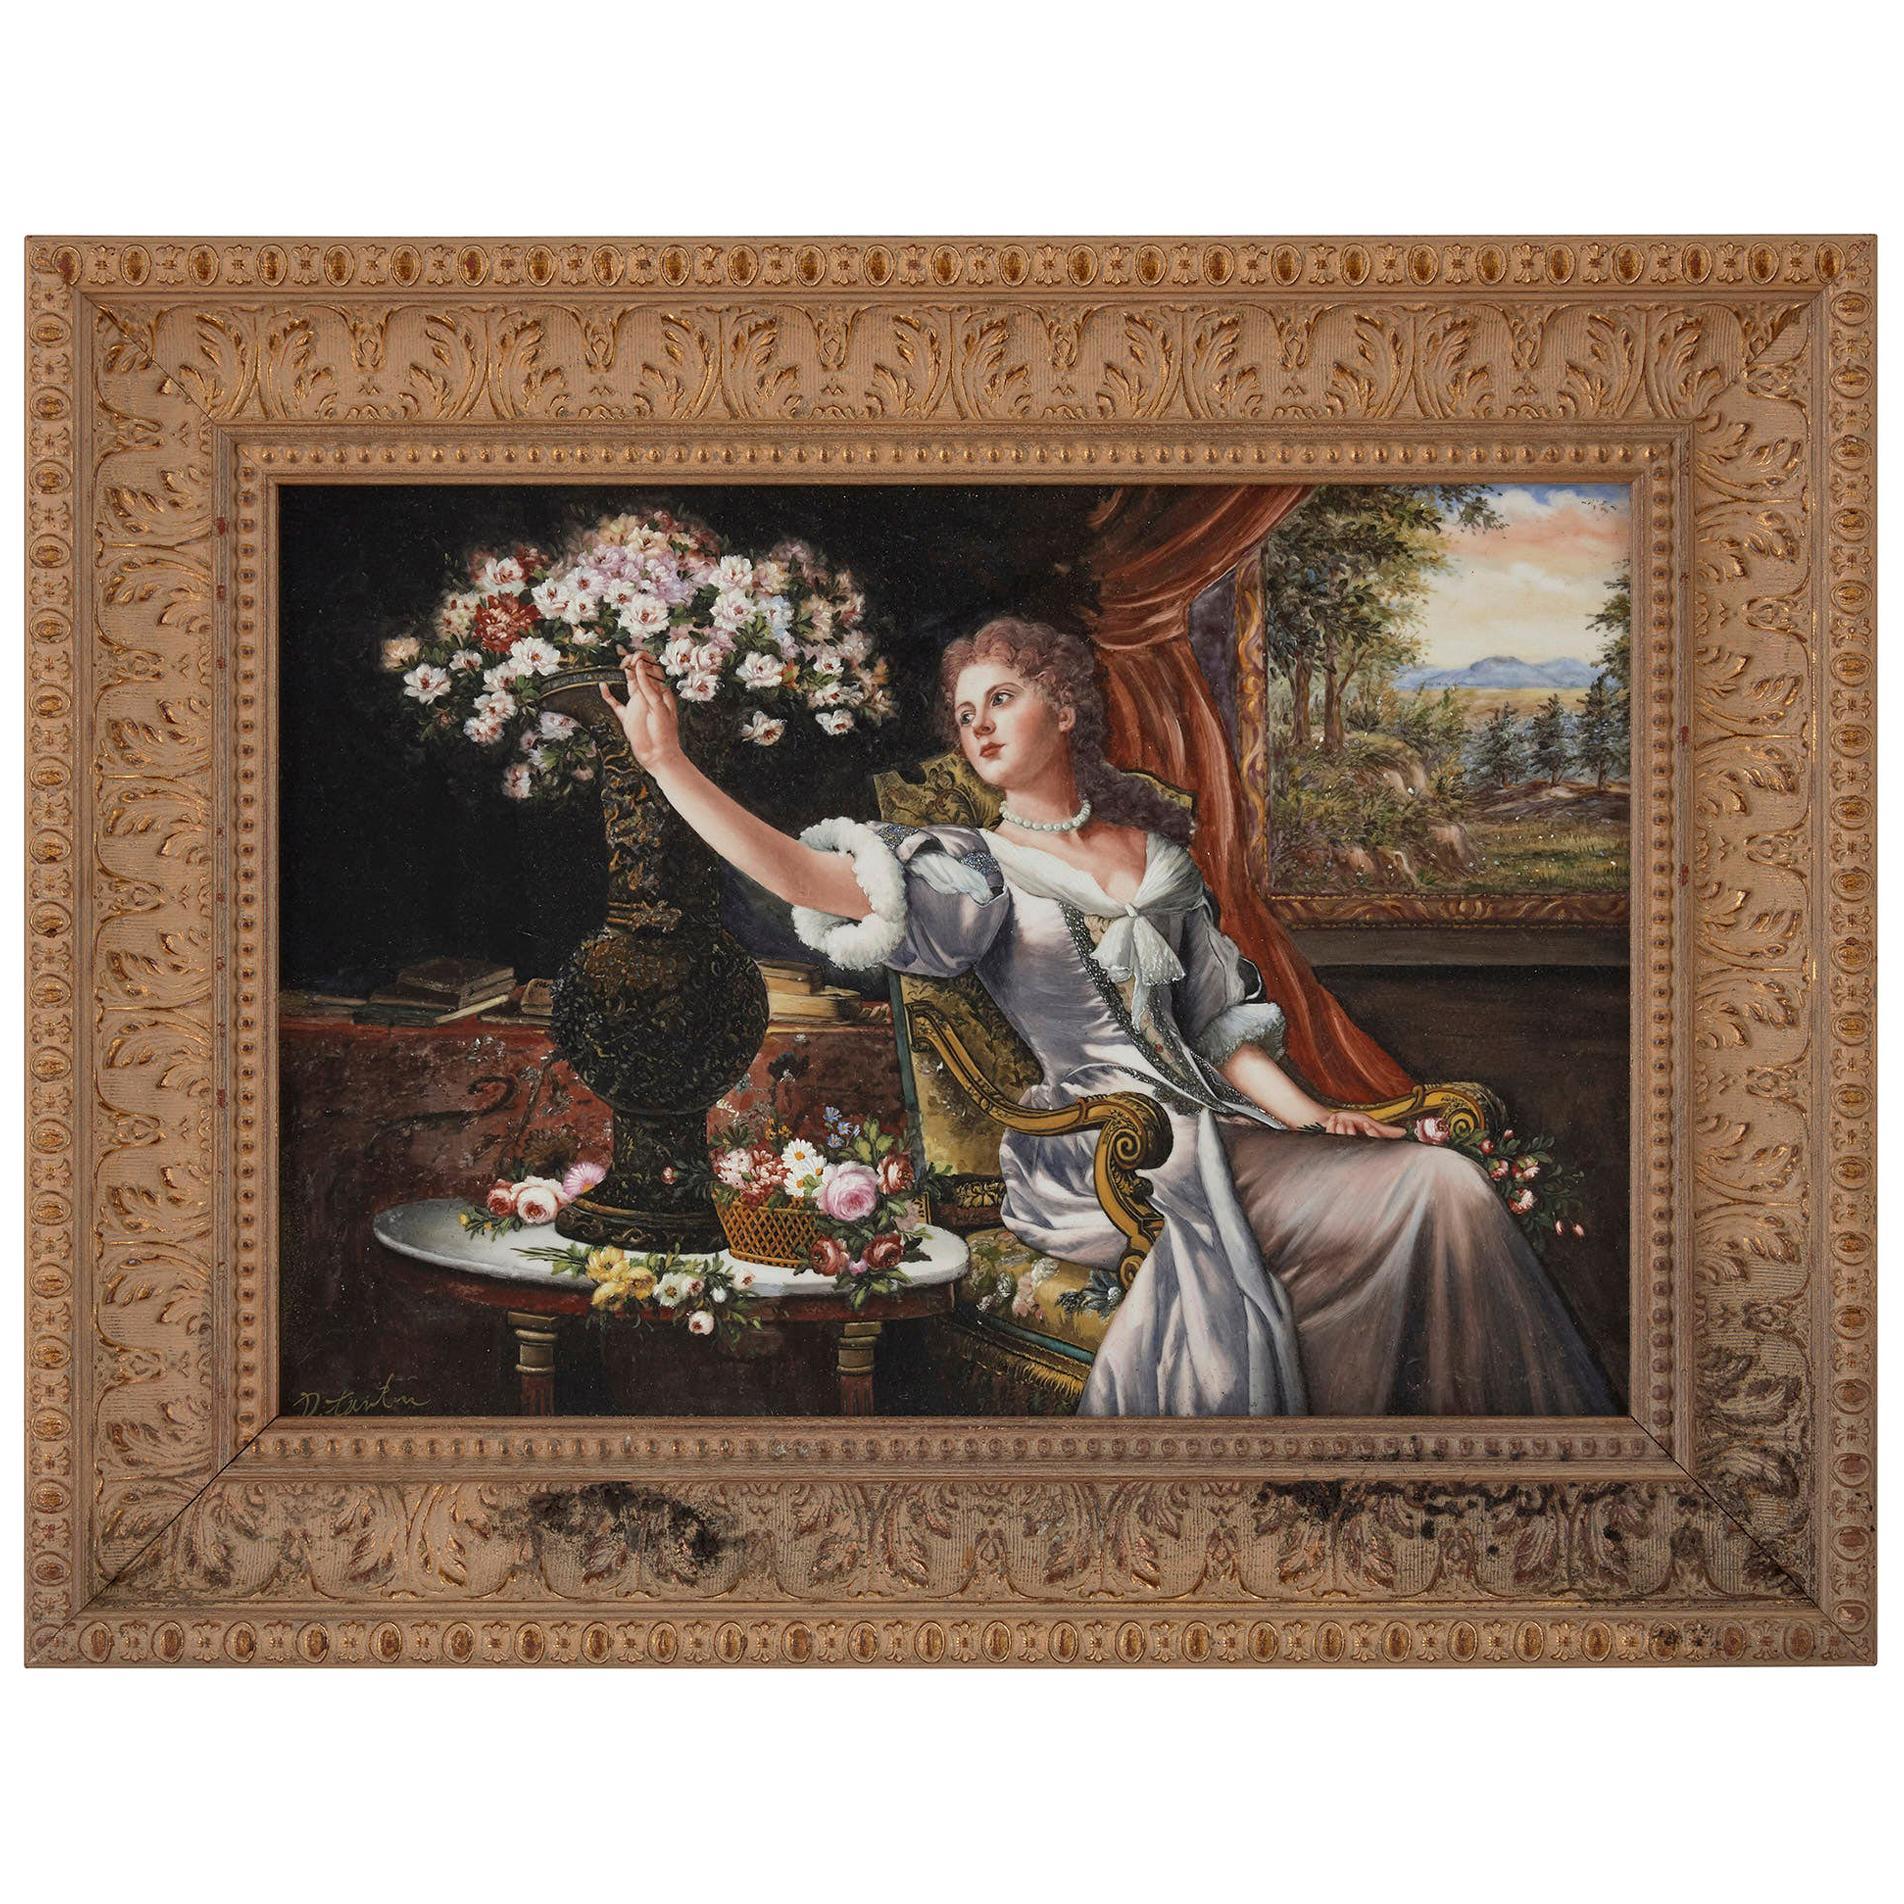 Large Renaissance Style Painted Porcelain Plaque